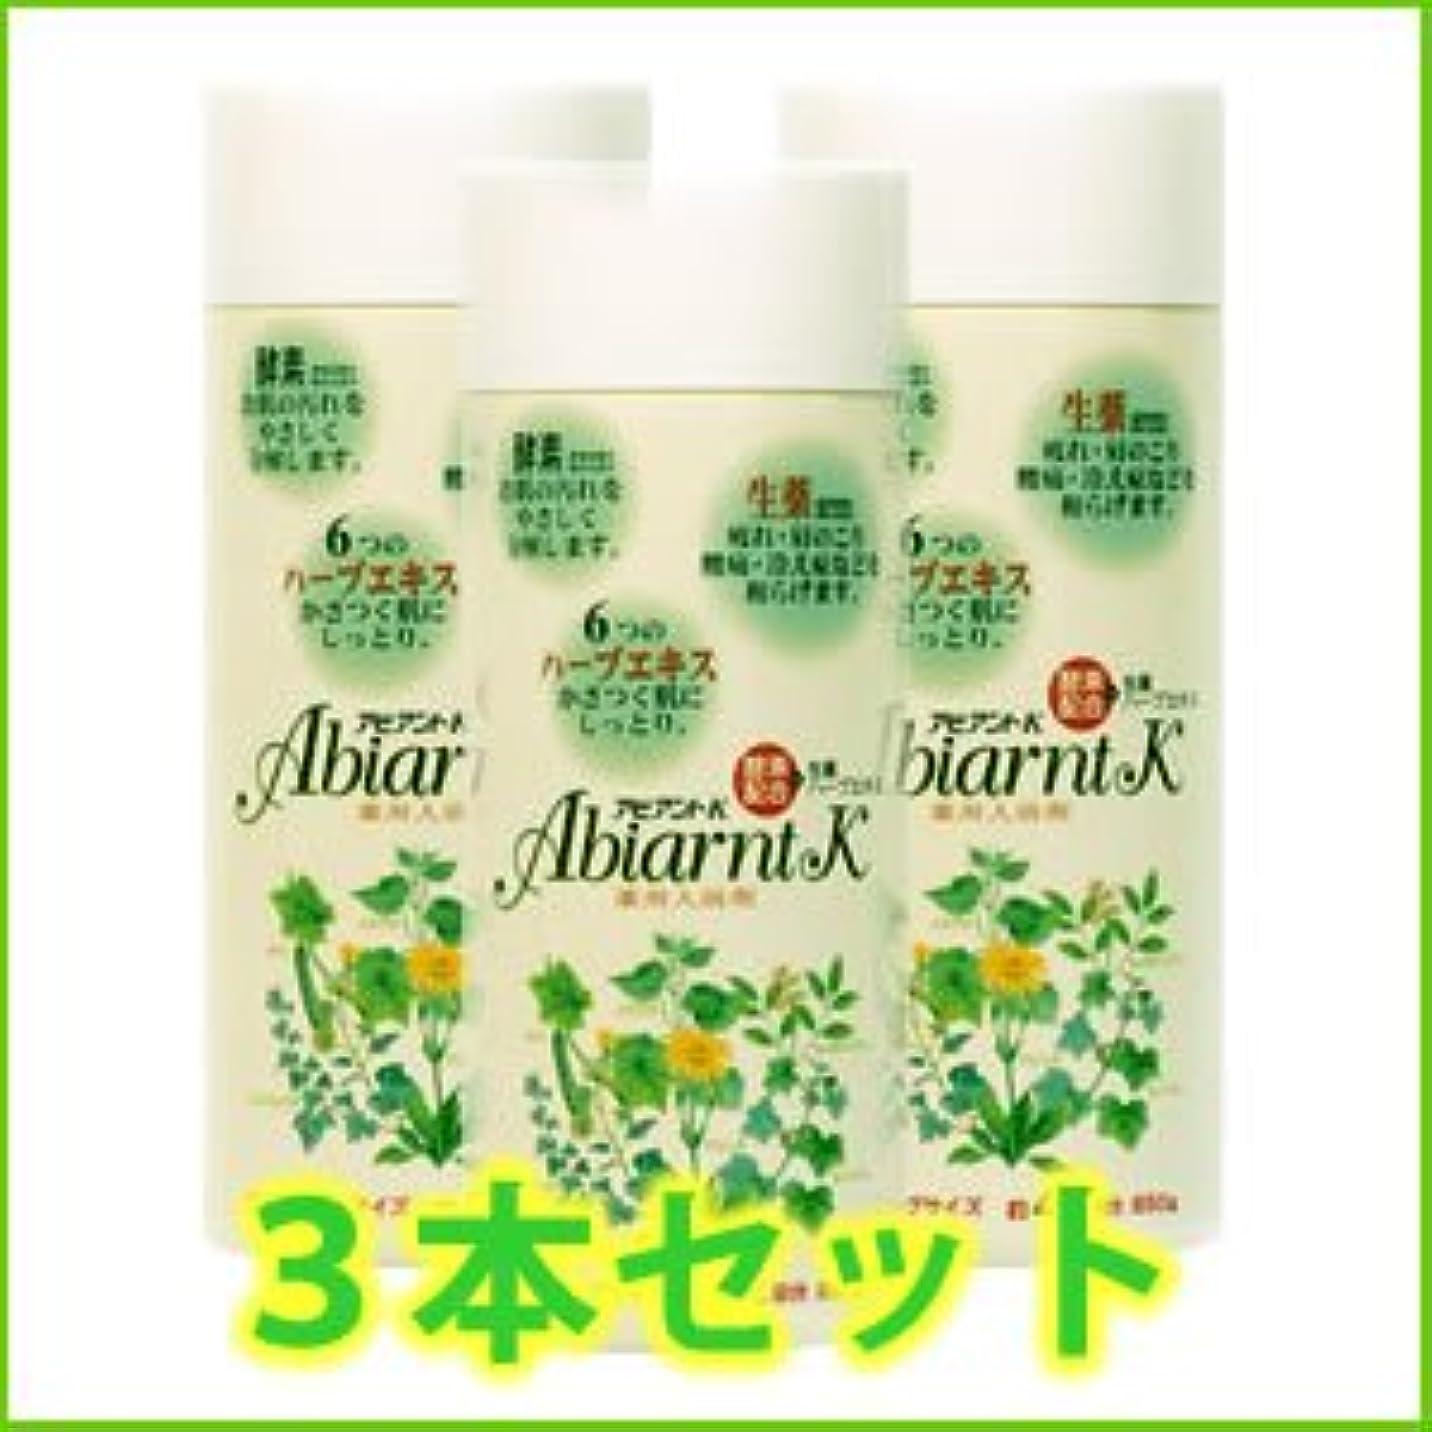 忠実フルーツたくさんの薬用入浴剤 アビアントK 850g ×3